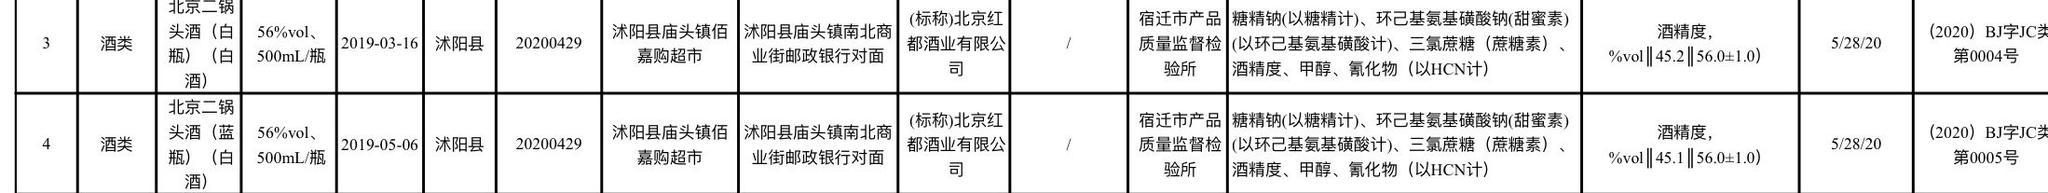 批次赢咖3平台北京二锅头不合格此前曾,赢咖3平台图片